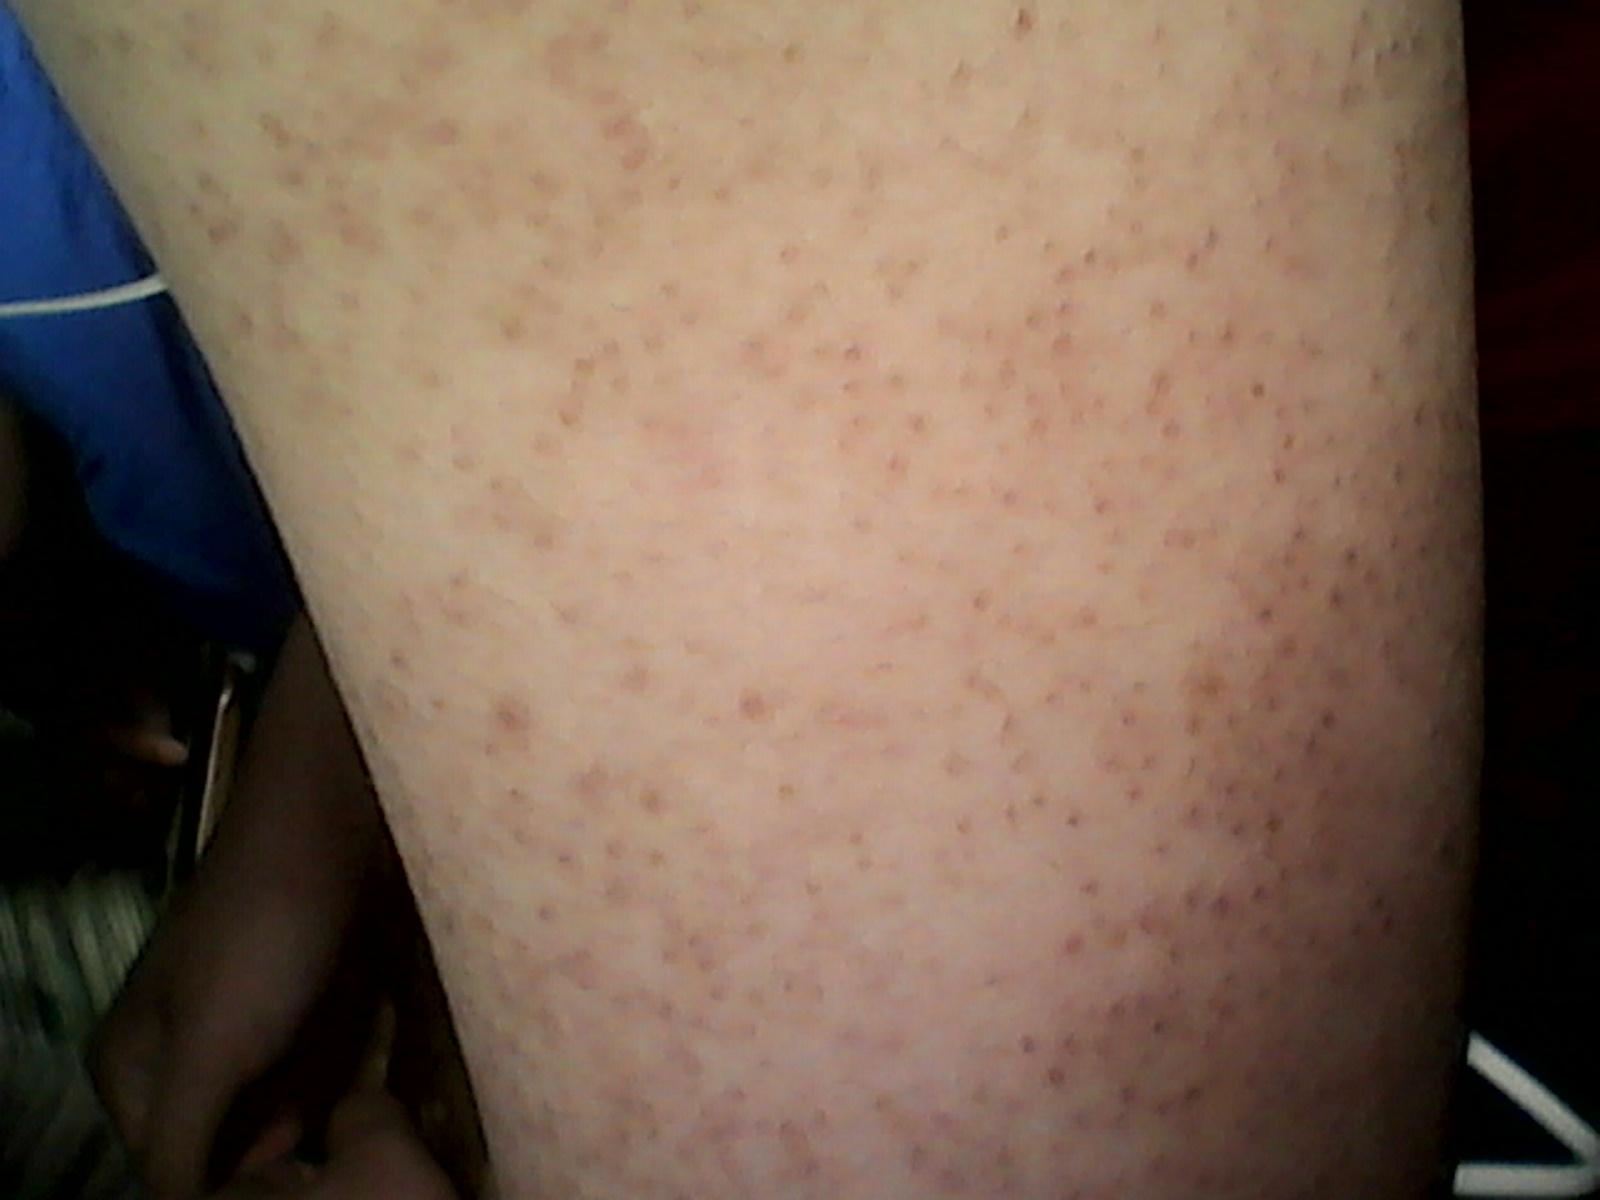 这是什么皮肤病?胳膊上长黑头红底的疙瘩图片